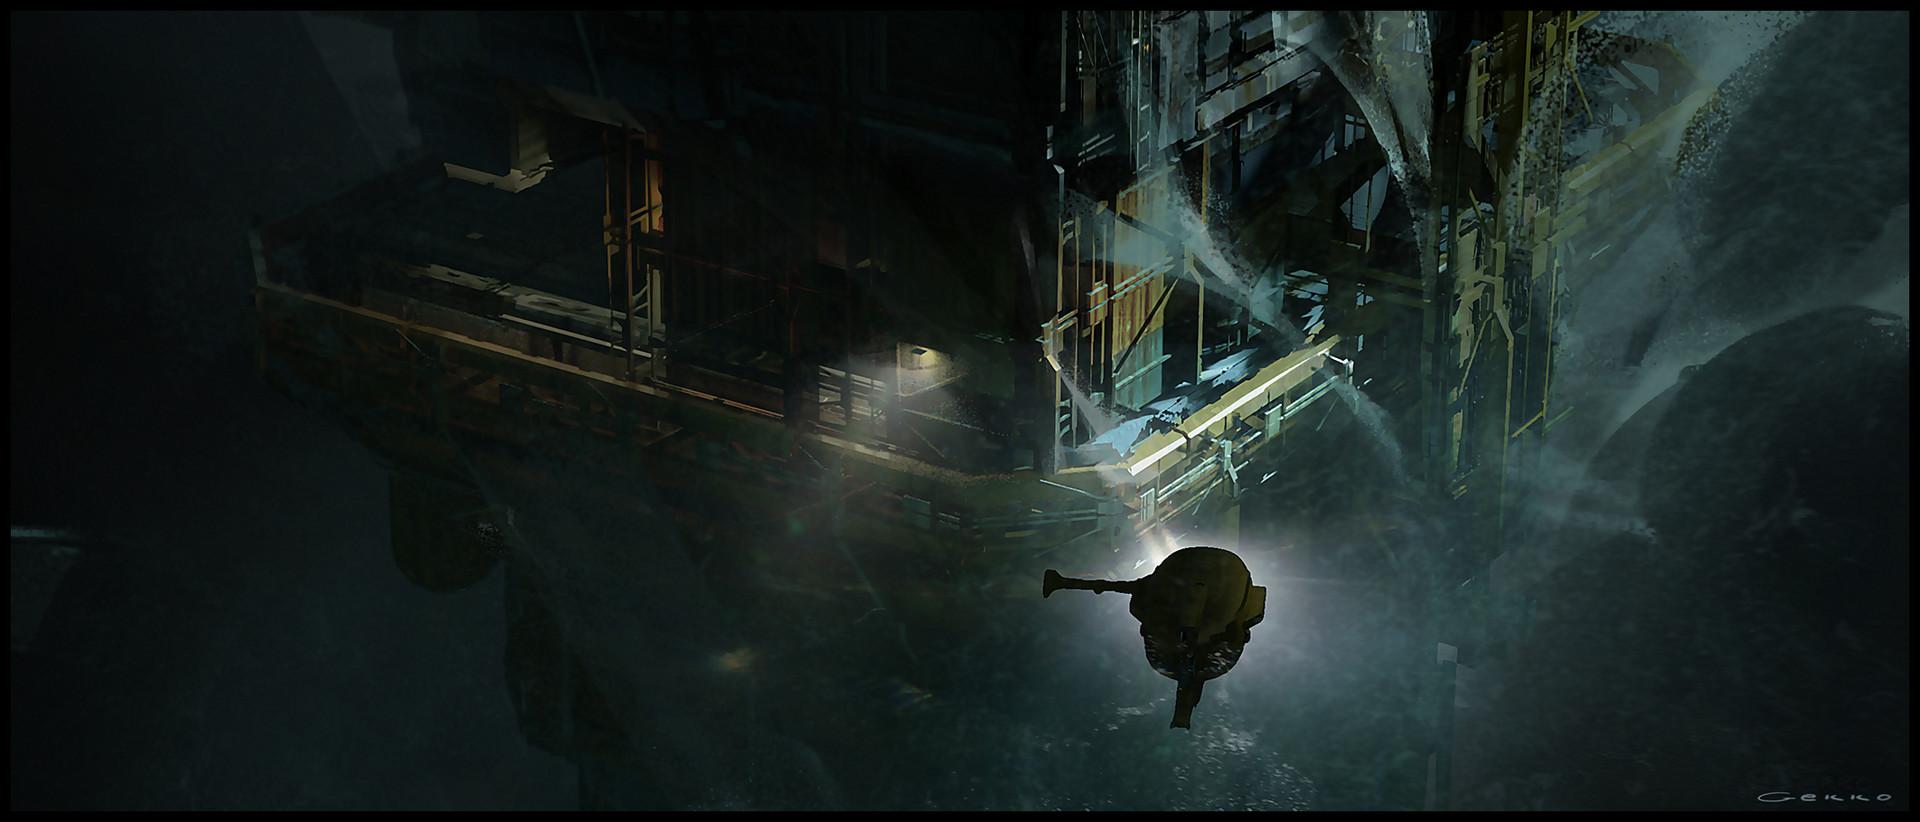 Nicolas gekko the abyss 12